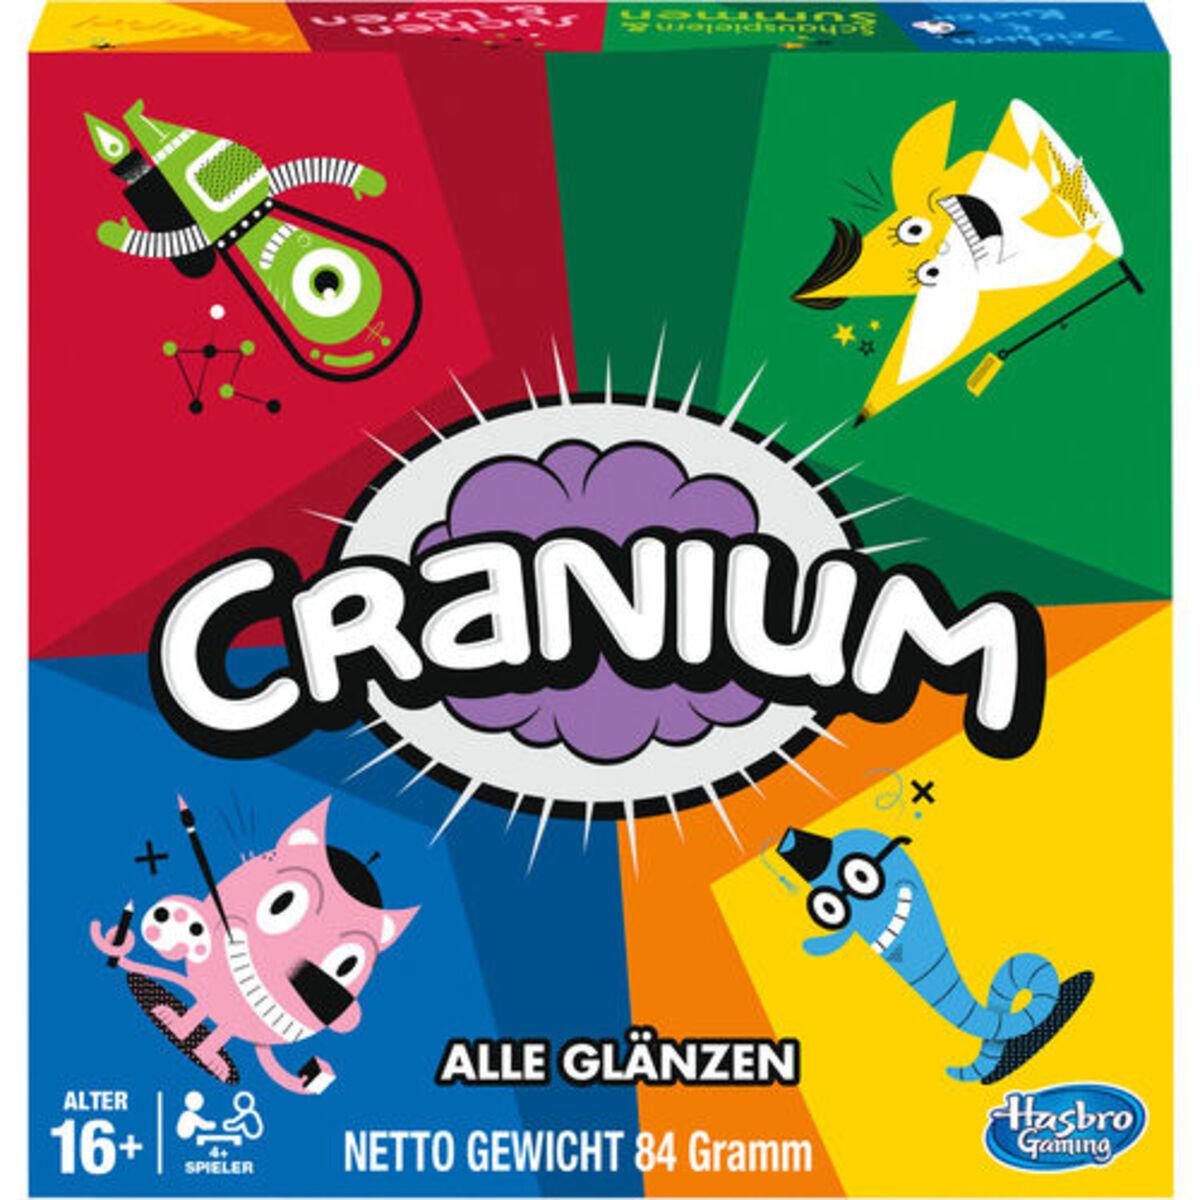 Bild 5 von Hasbro Gaming Cranium